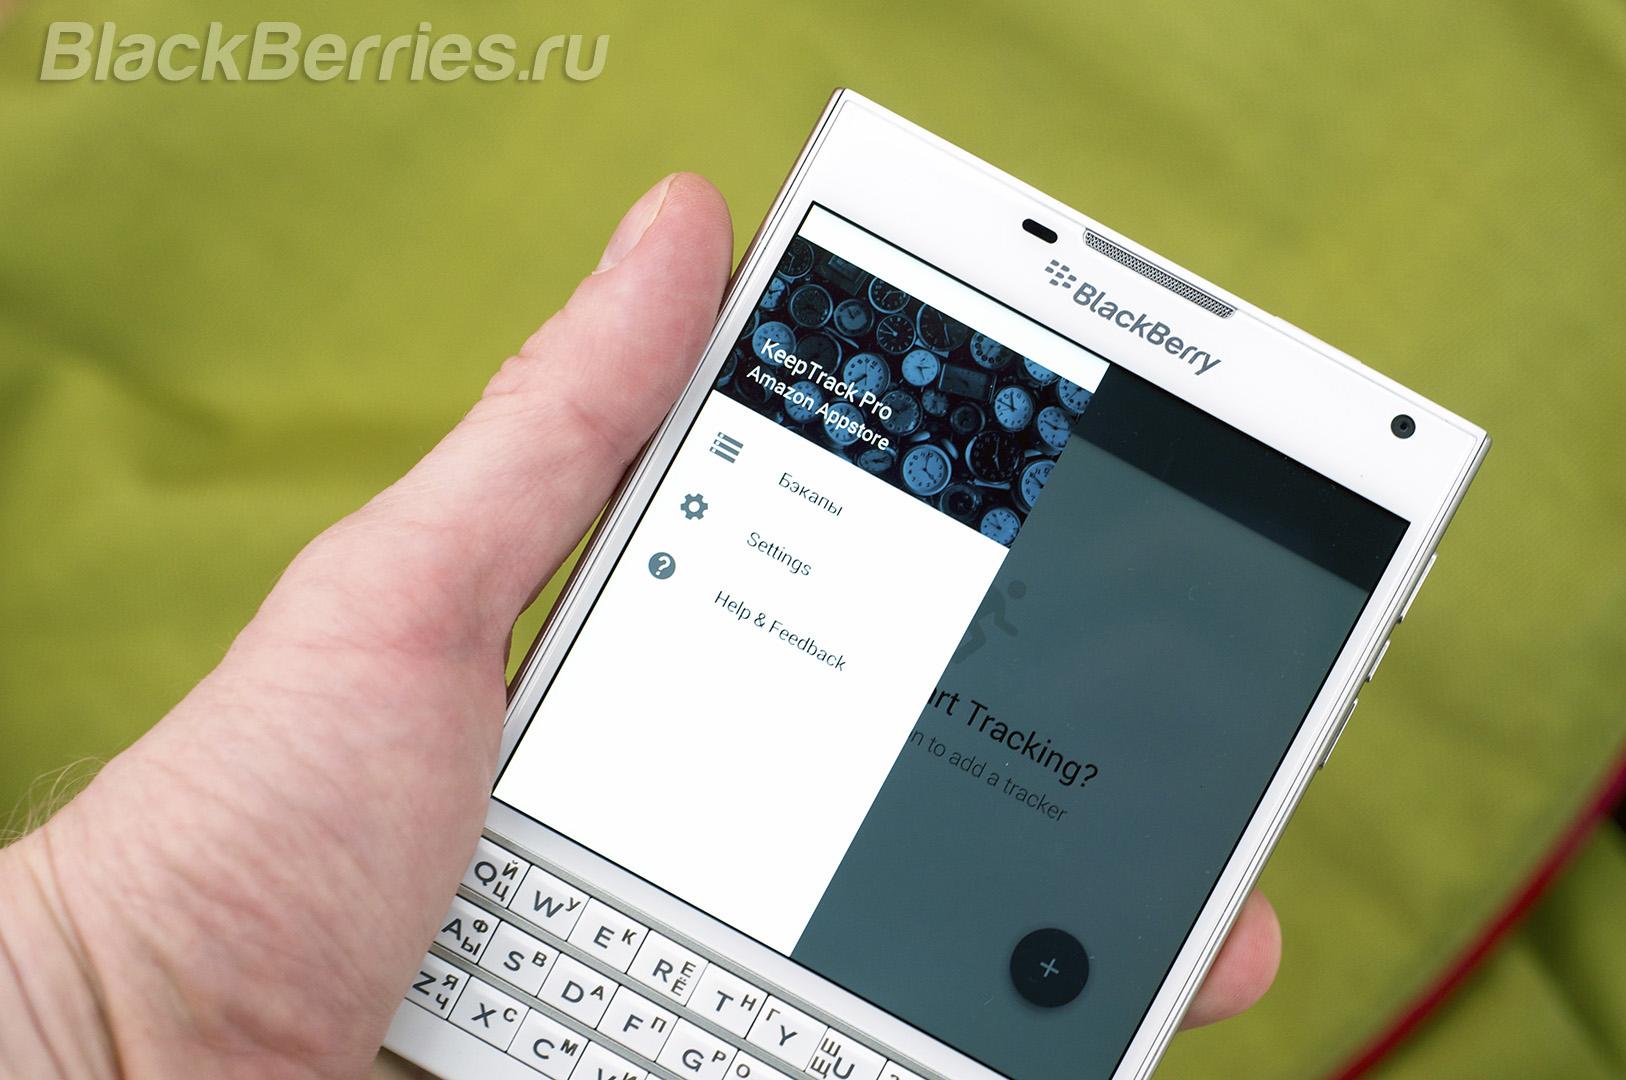 BlackBerry-Apps-12-09-05